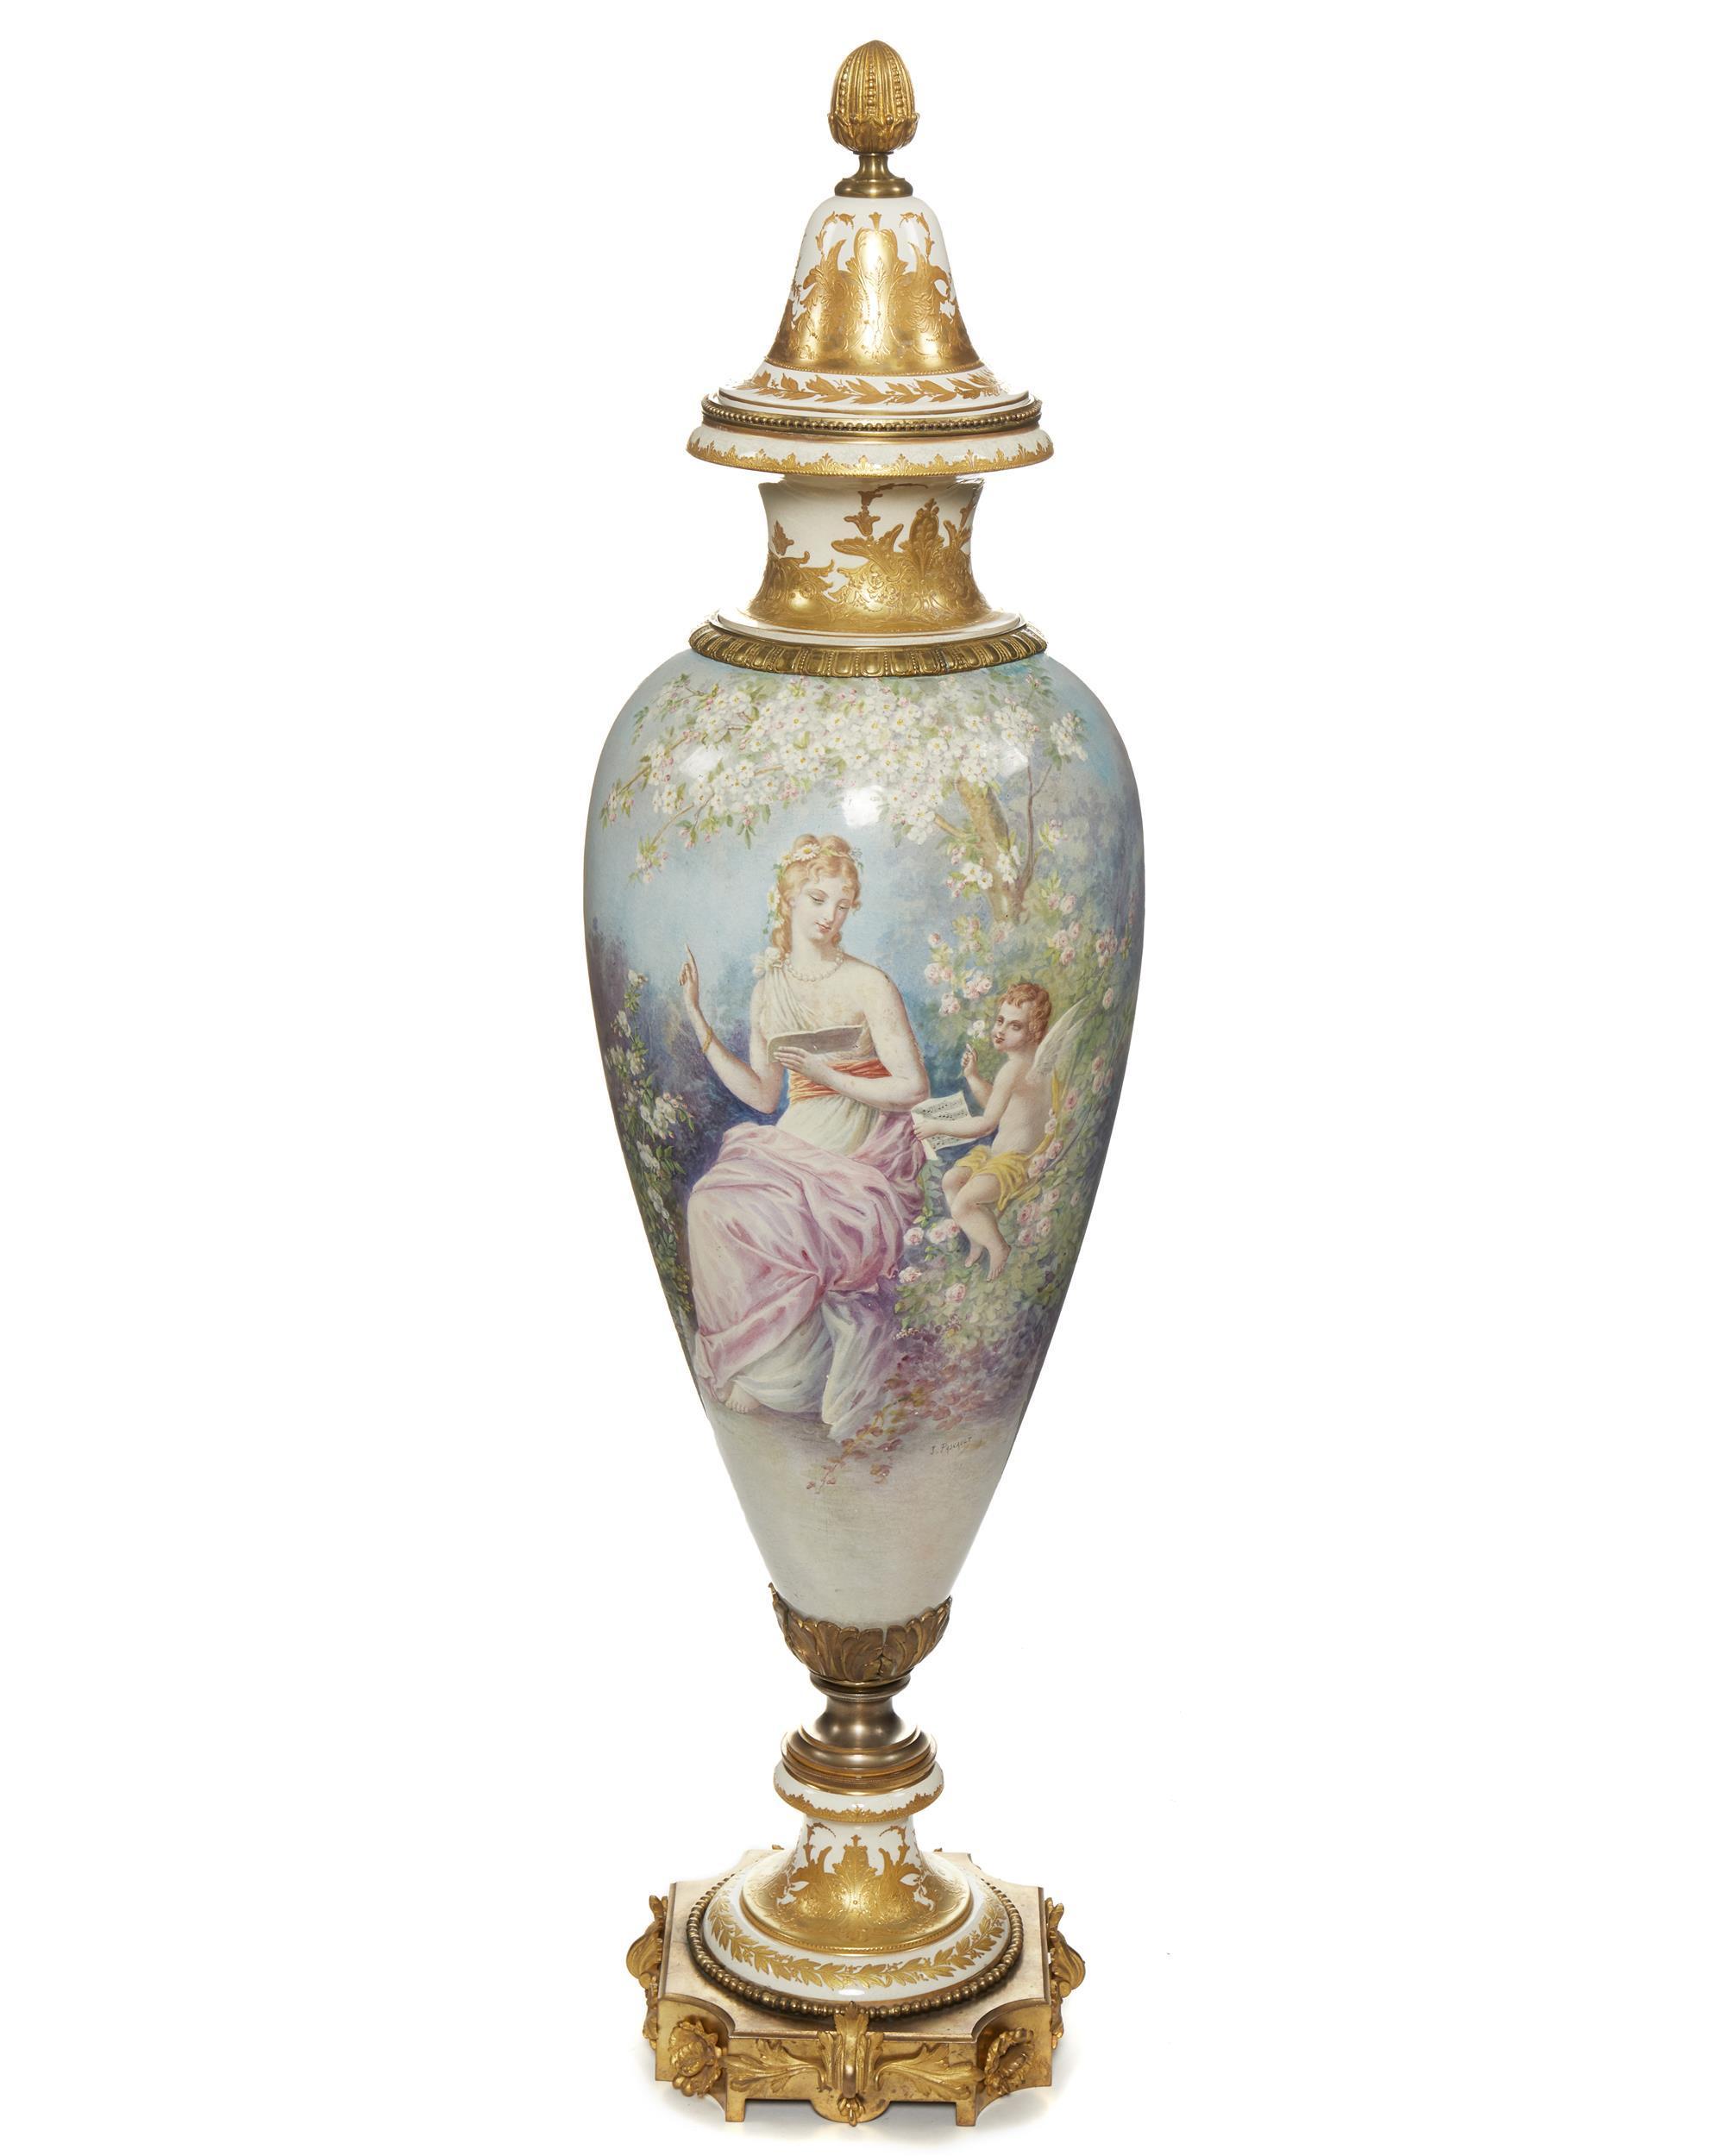 A monumental Sèvres lidded urn